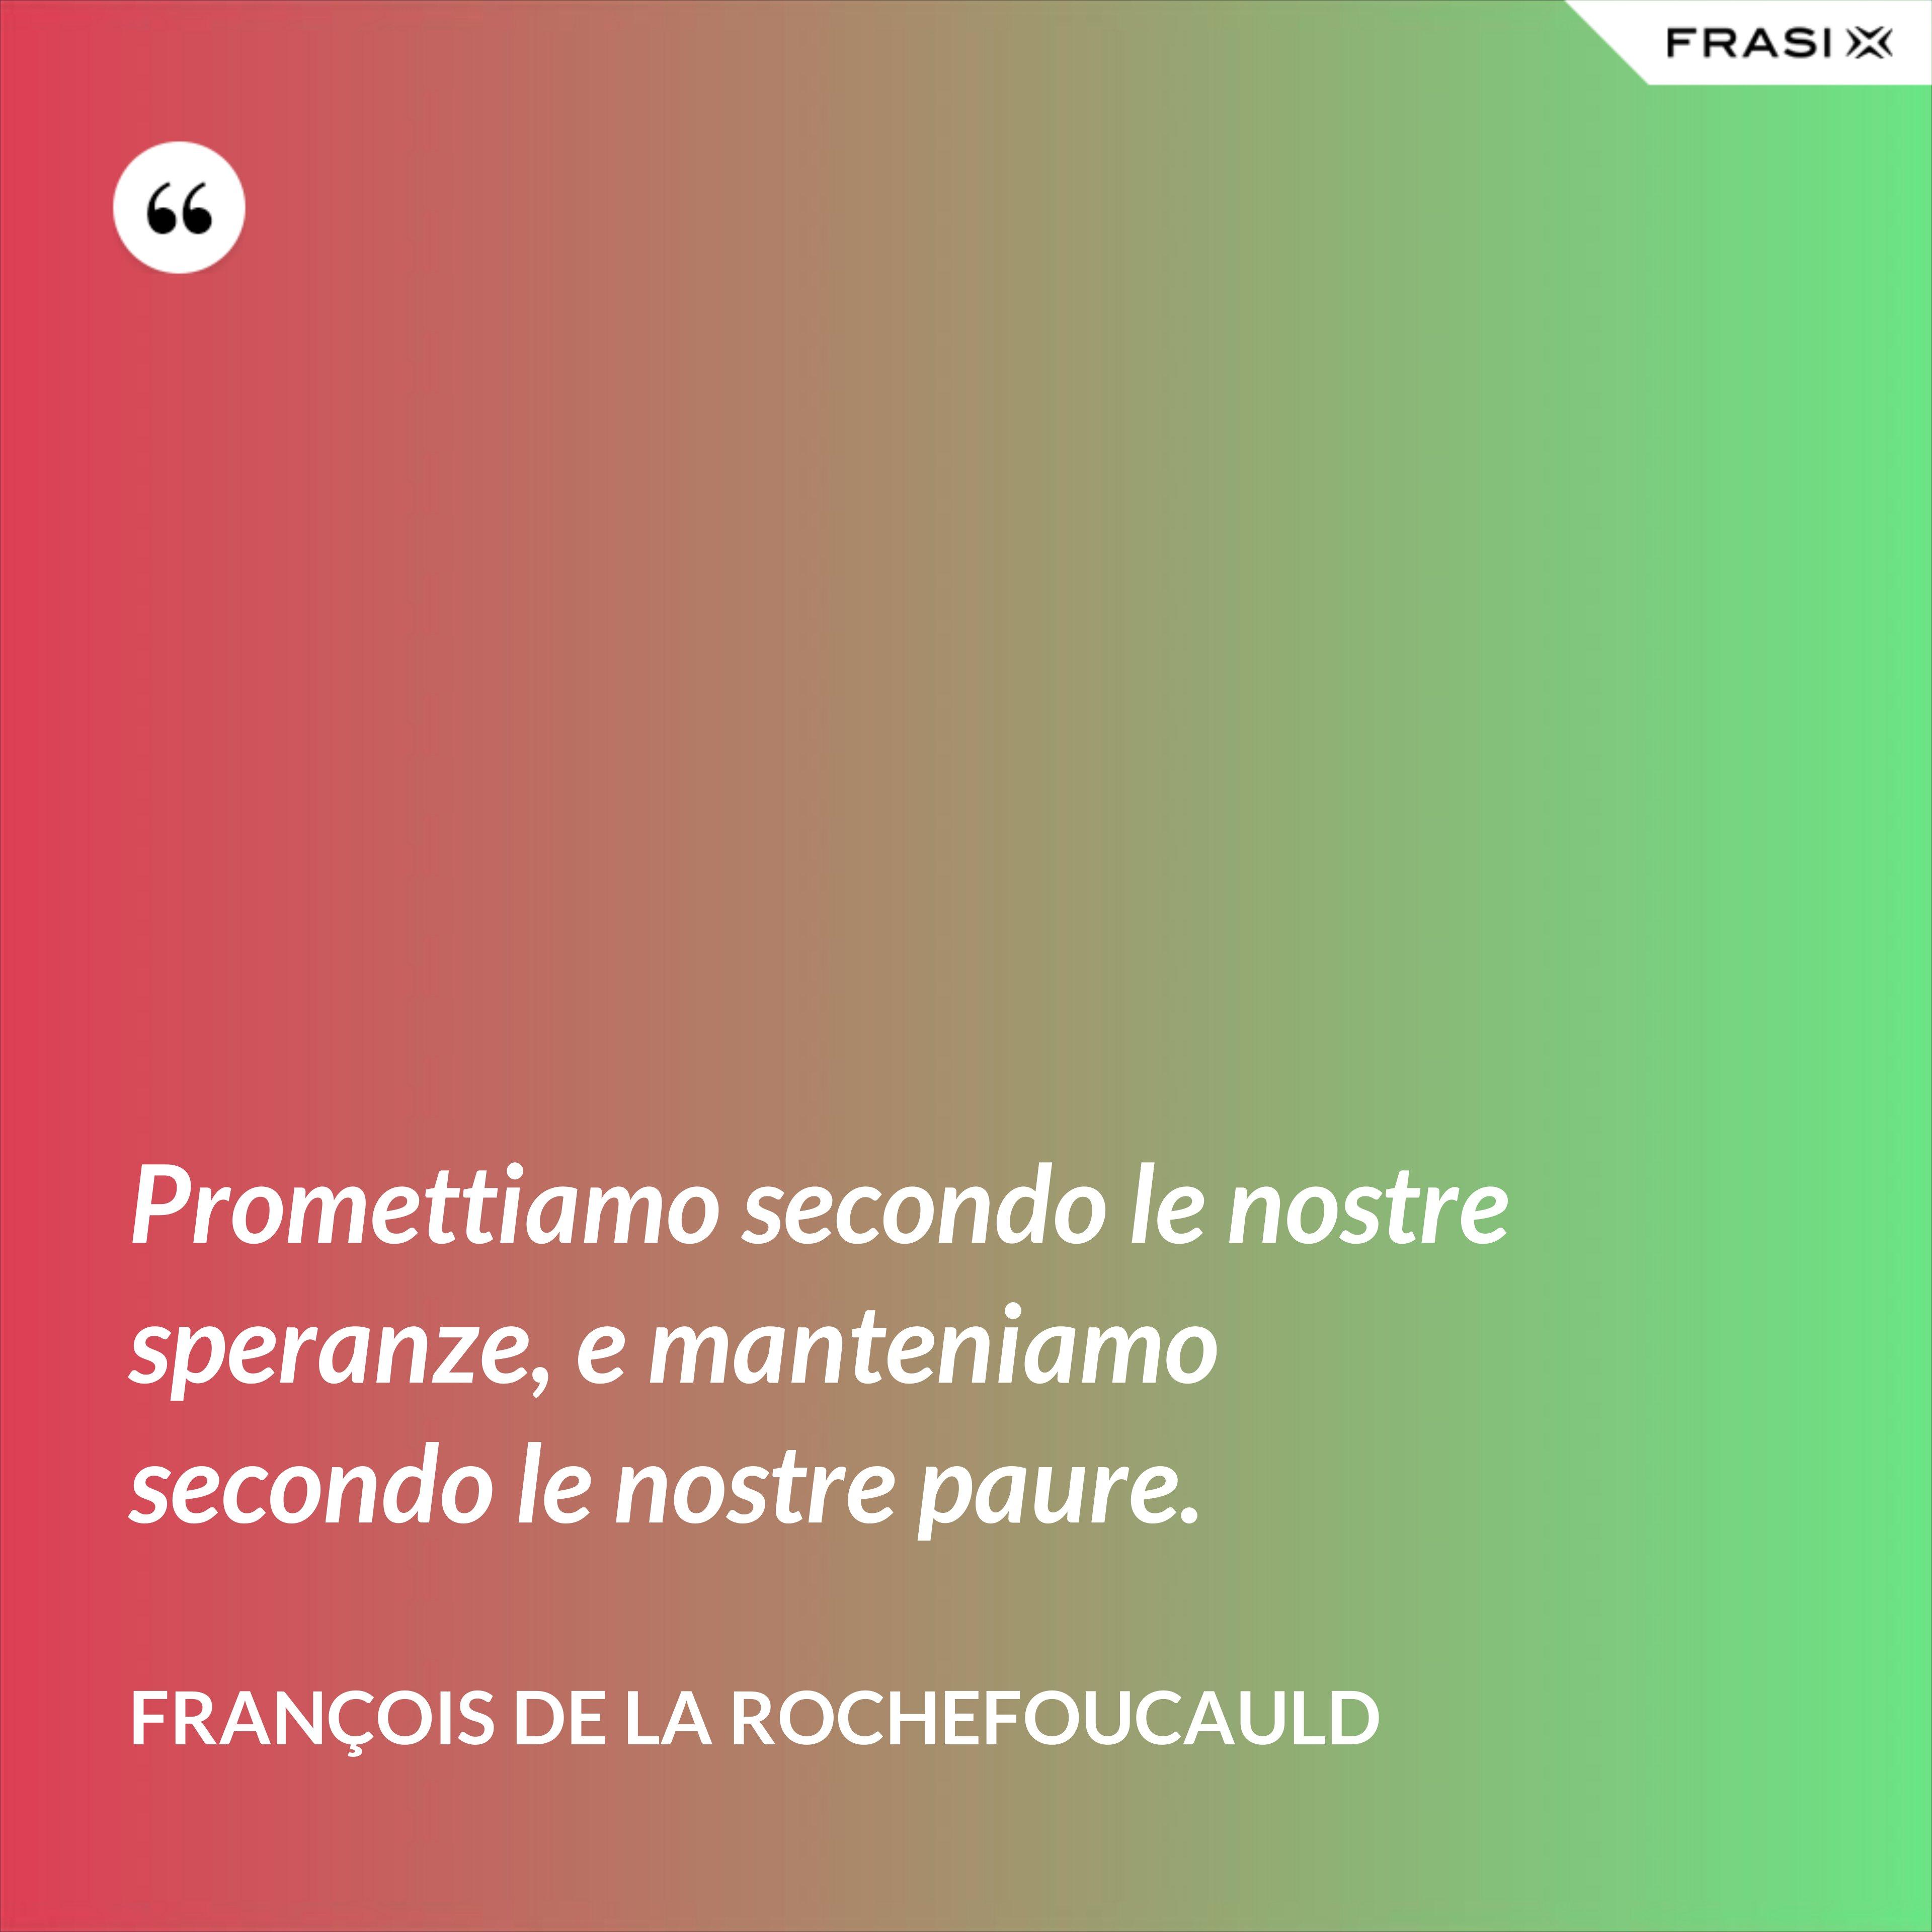 Promettiamo secondo le nostre speranze, e manteniamo secondo le nostre paure. - François de La Rochefoucauld